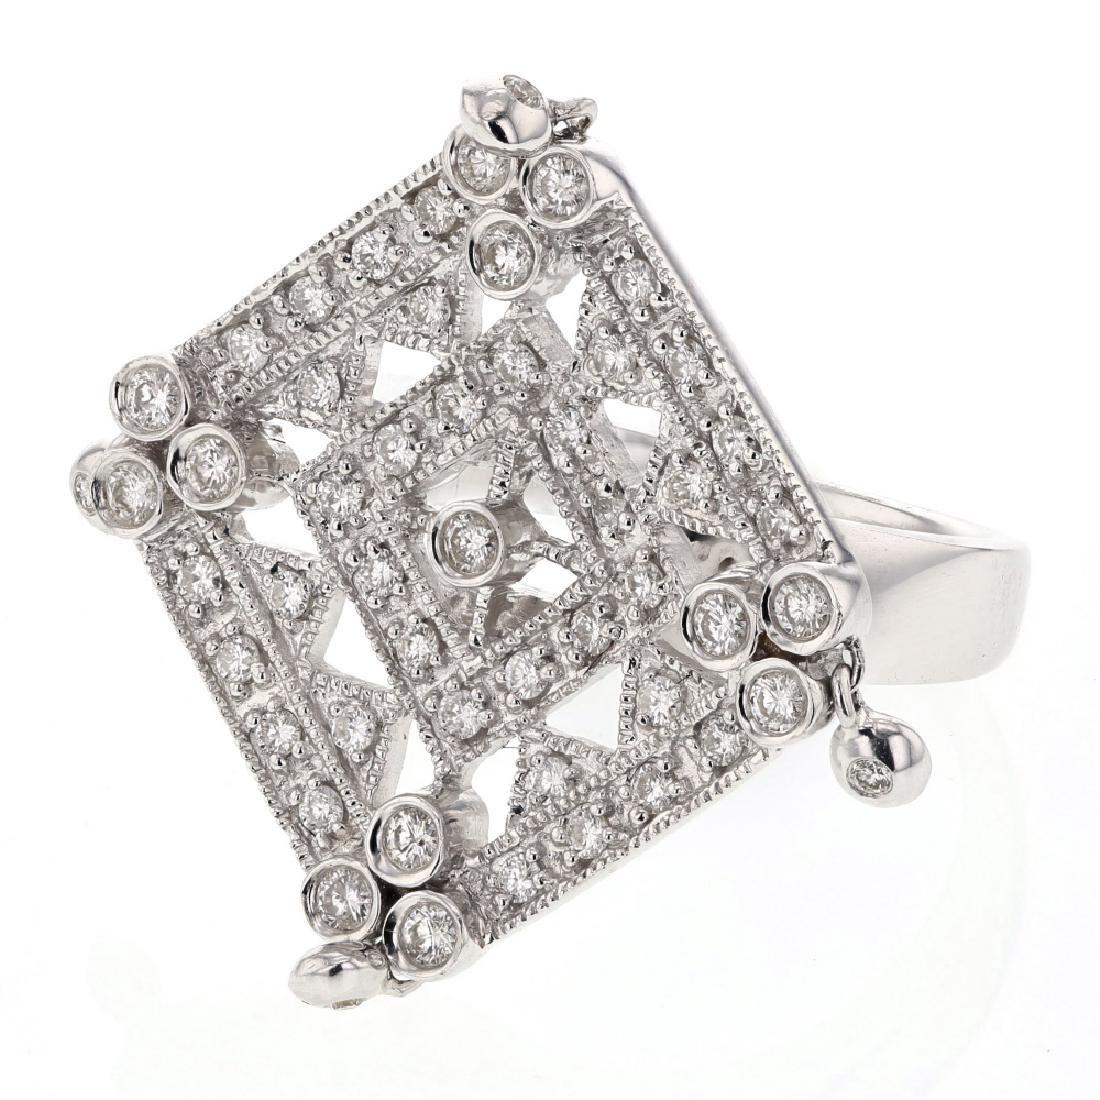 0.74ct Diamond 18K White Gold Ring